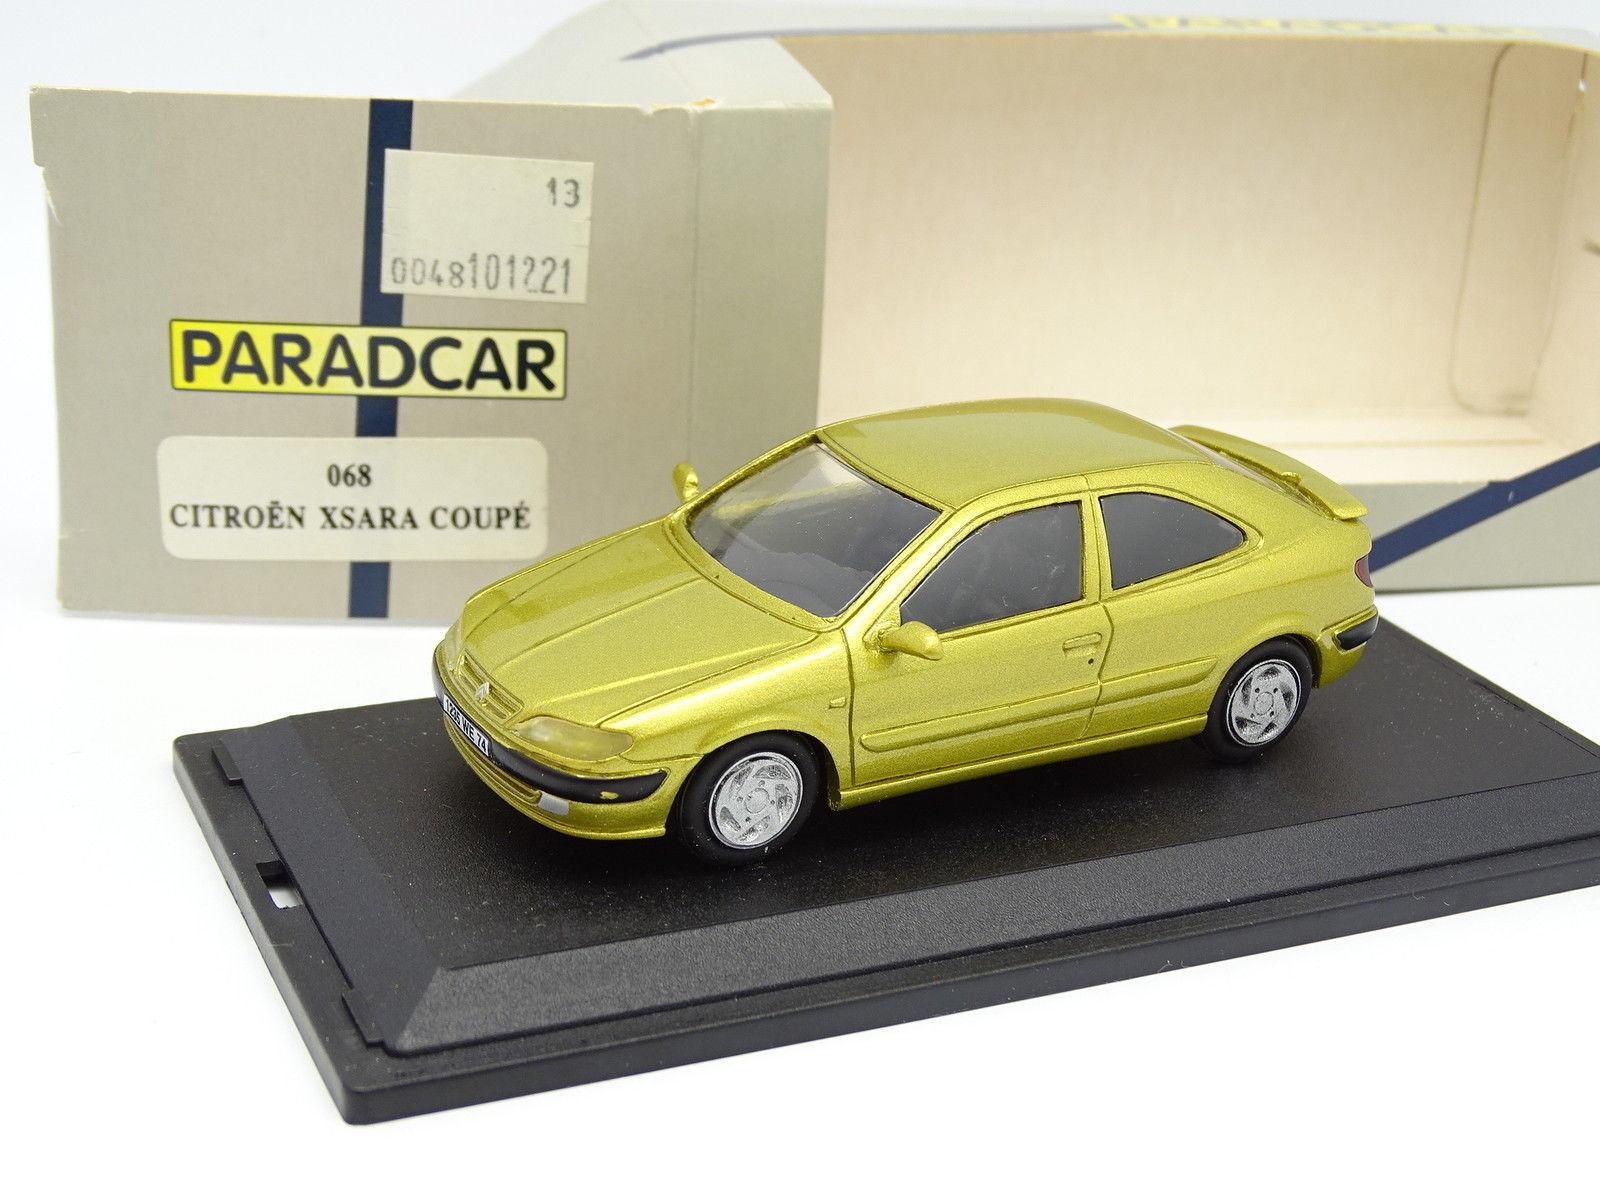 Paradcar Résine 1 43 - Citroen Xsara Coupé 3 Portes giallo